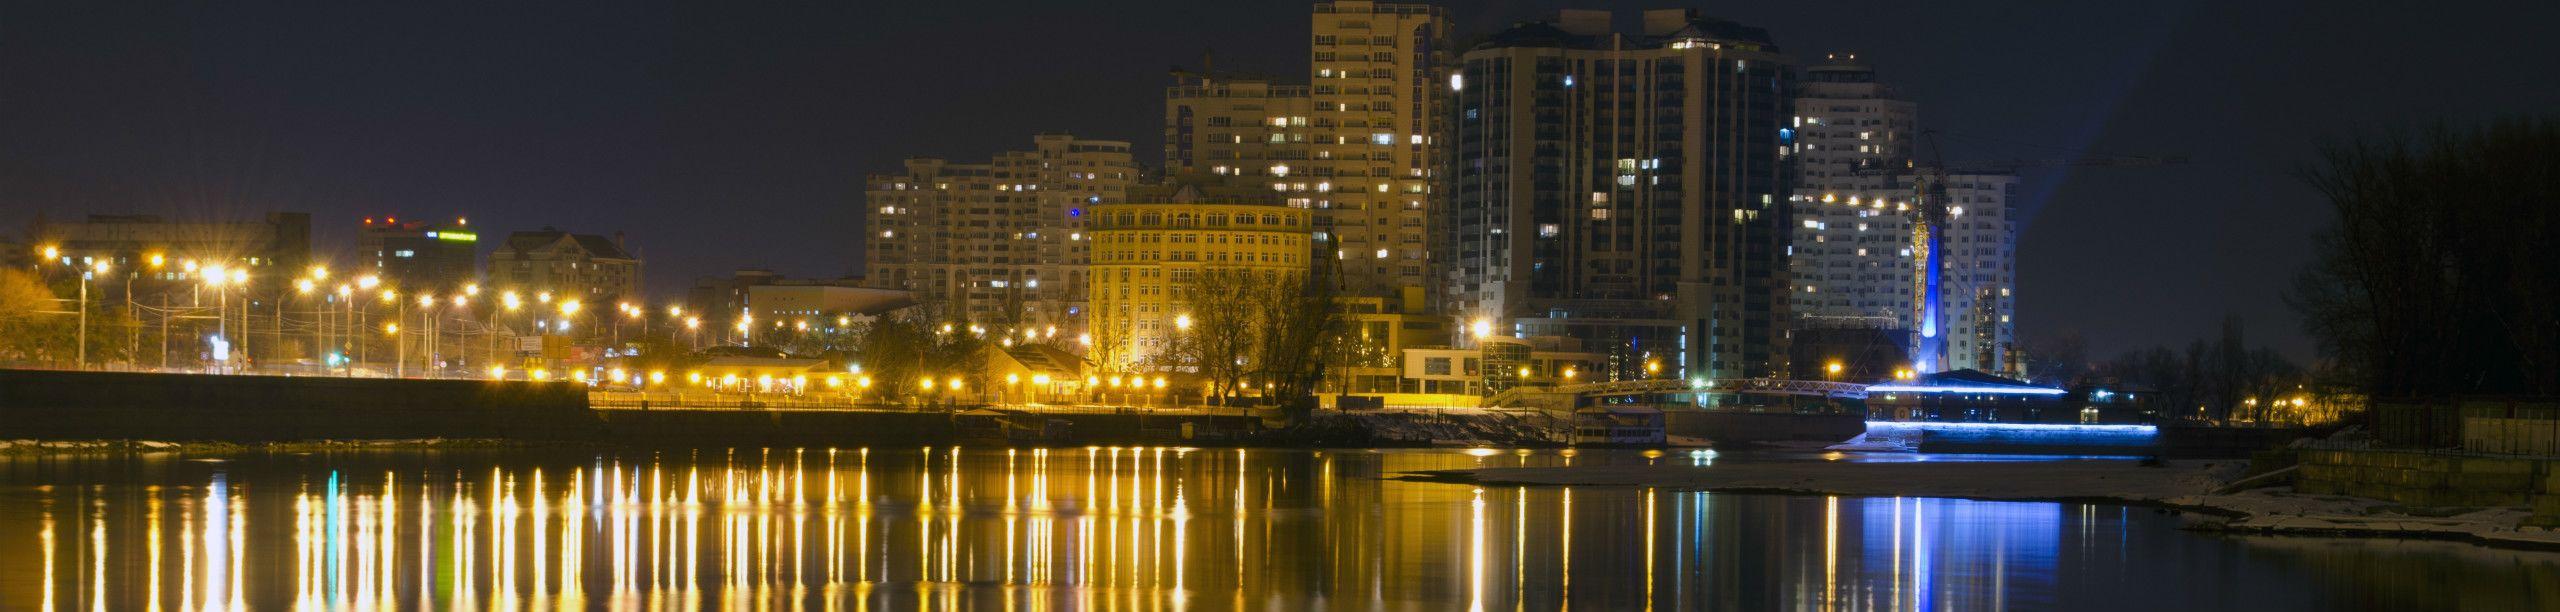 Снять квартиру в Краснодаре посуточно - аренда квартиры на сутки без посредников недорого